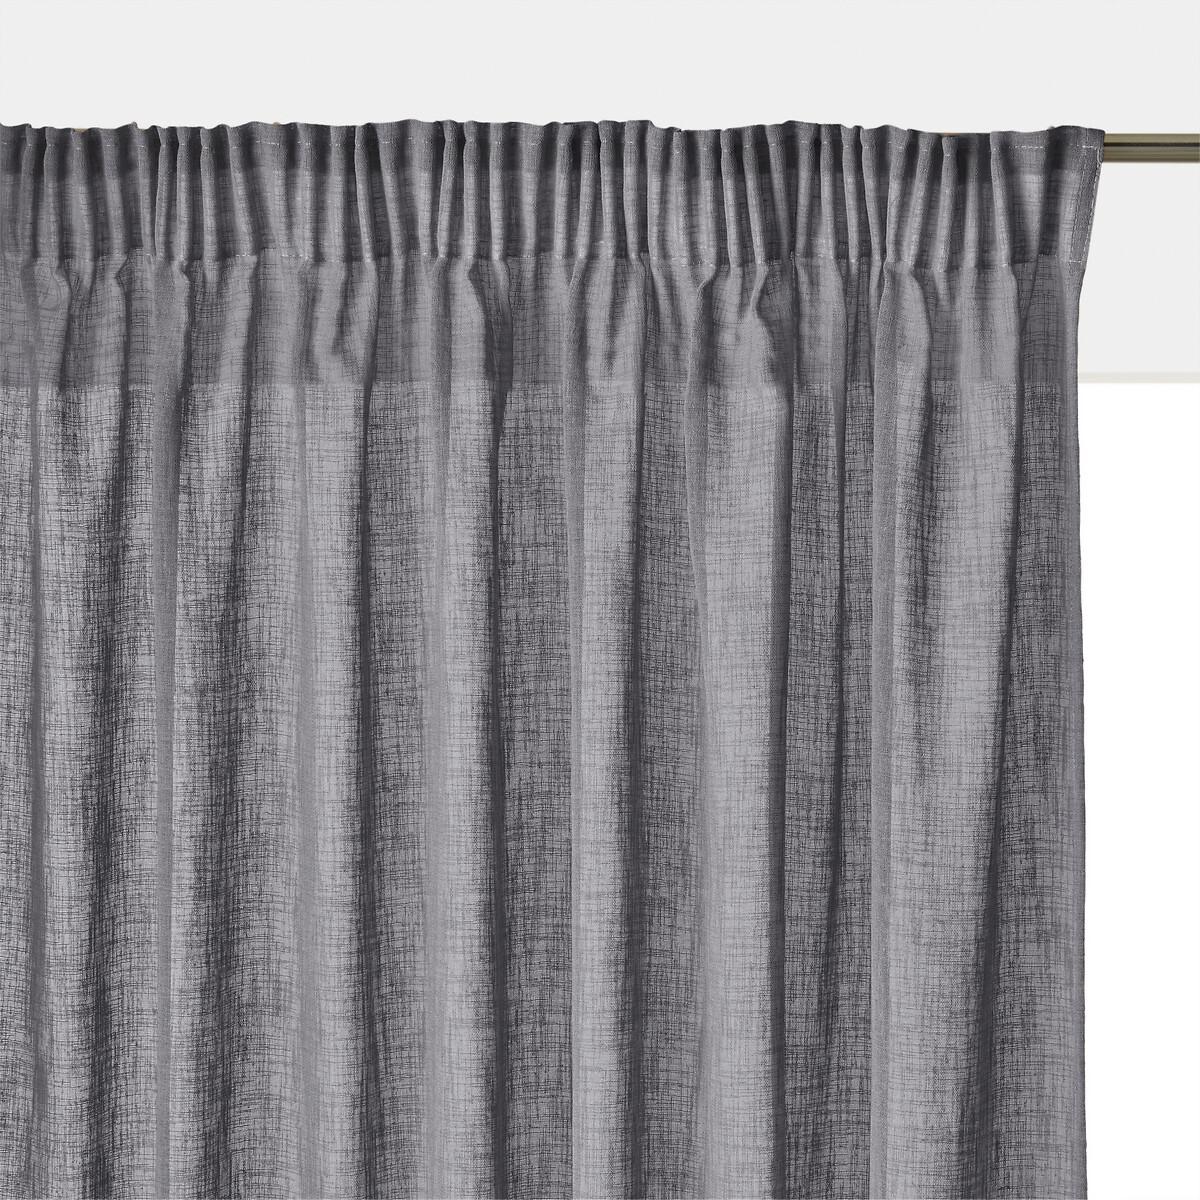 Занавеска LaRedoute С эффектом льна с затемненной тесьмой Nyong 350 x 140 см серый